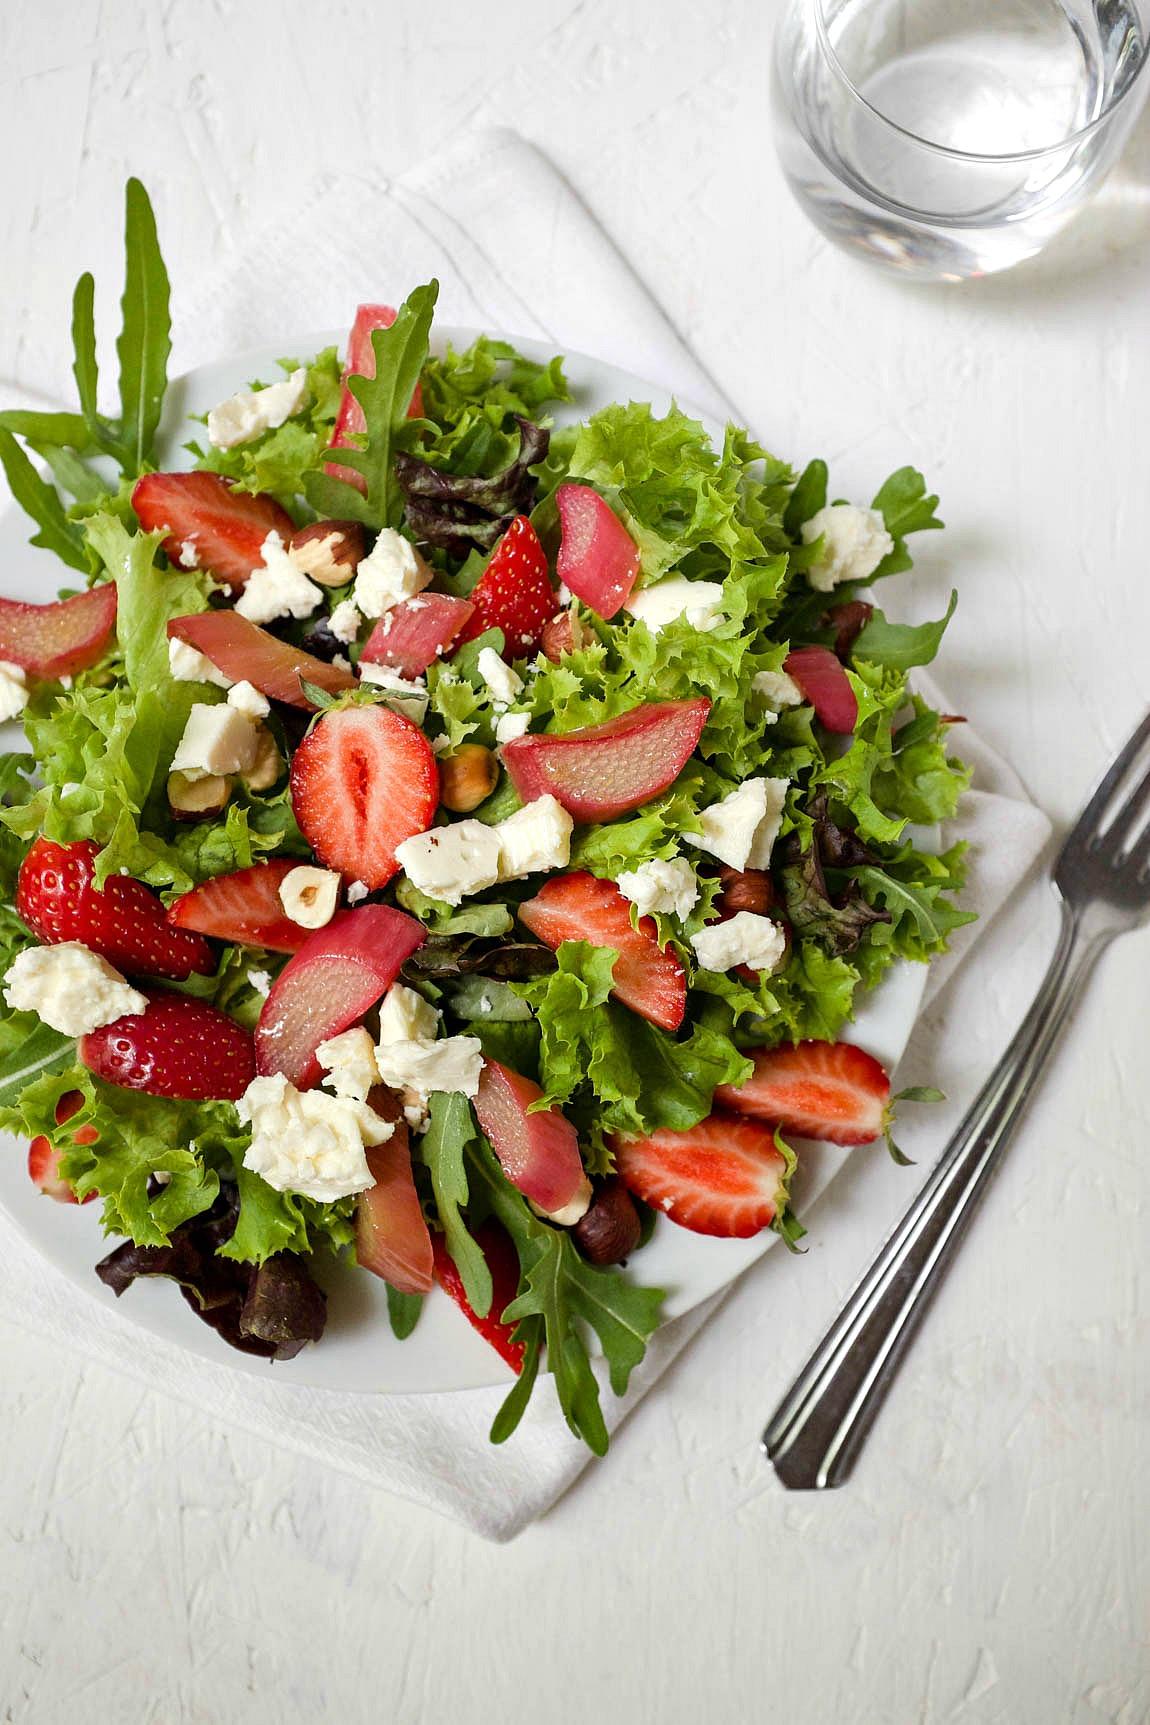 Ein wunderbar fruchtiger Frühlingssalat zum Genießen: Salat mit karamellisiertem Rhabarber, Erdbeeren und Hirtenkäse.